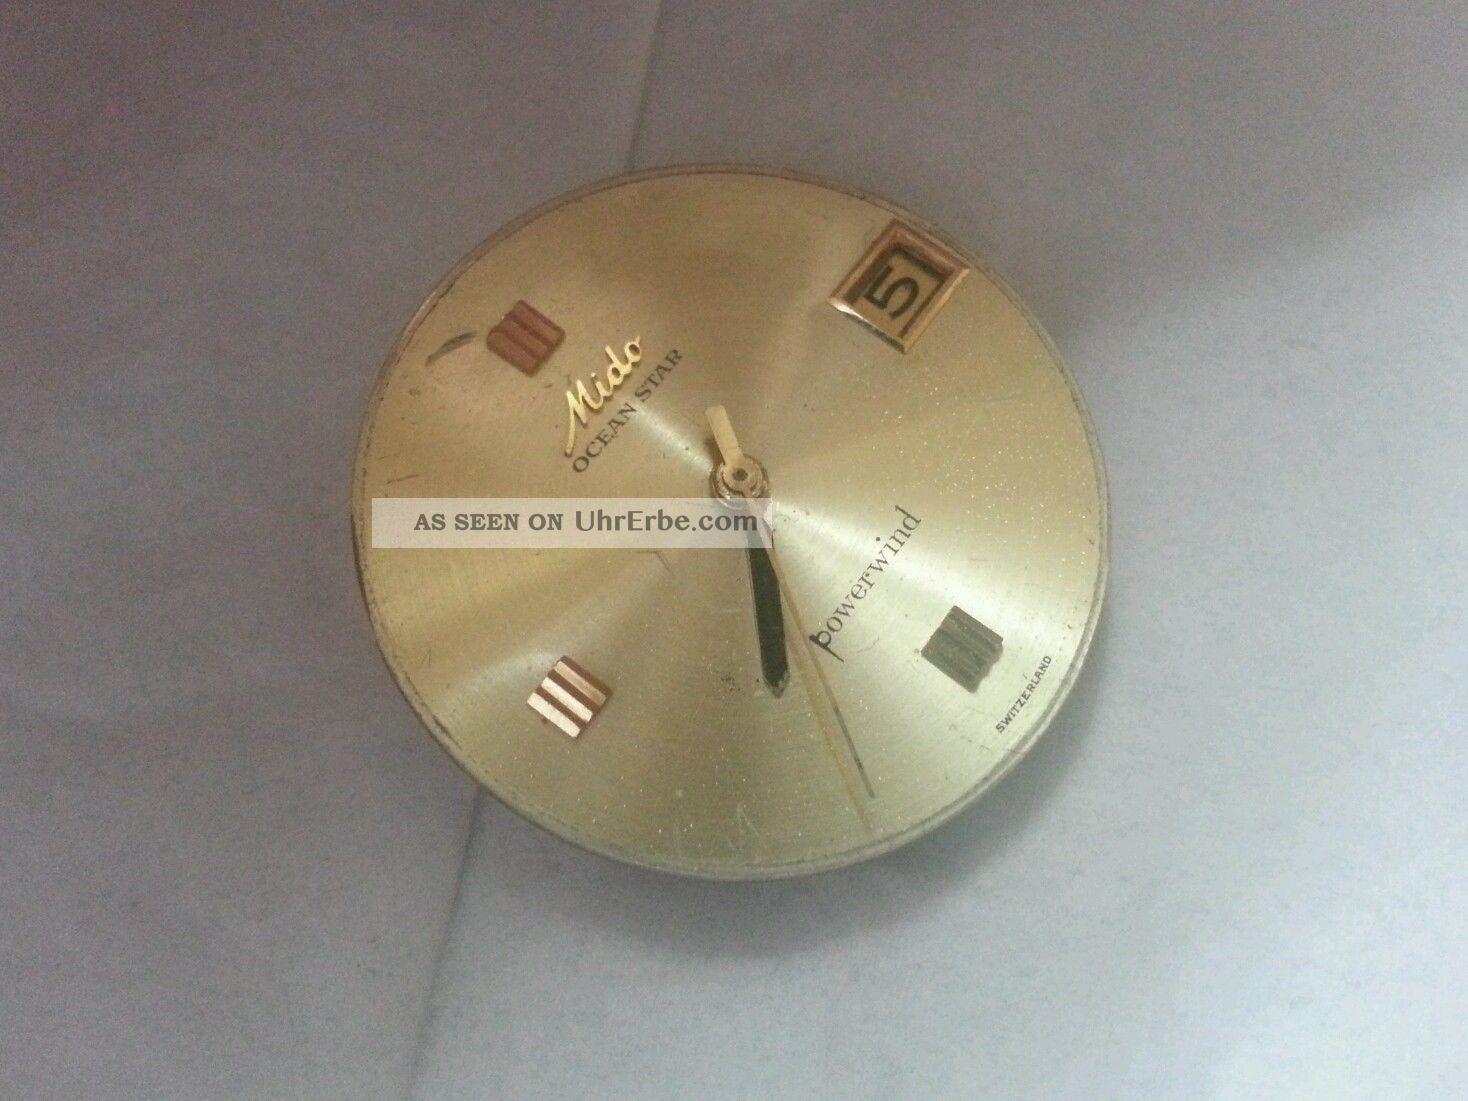 Mido Uhrwerk Für Herren Armbanduhren Bild